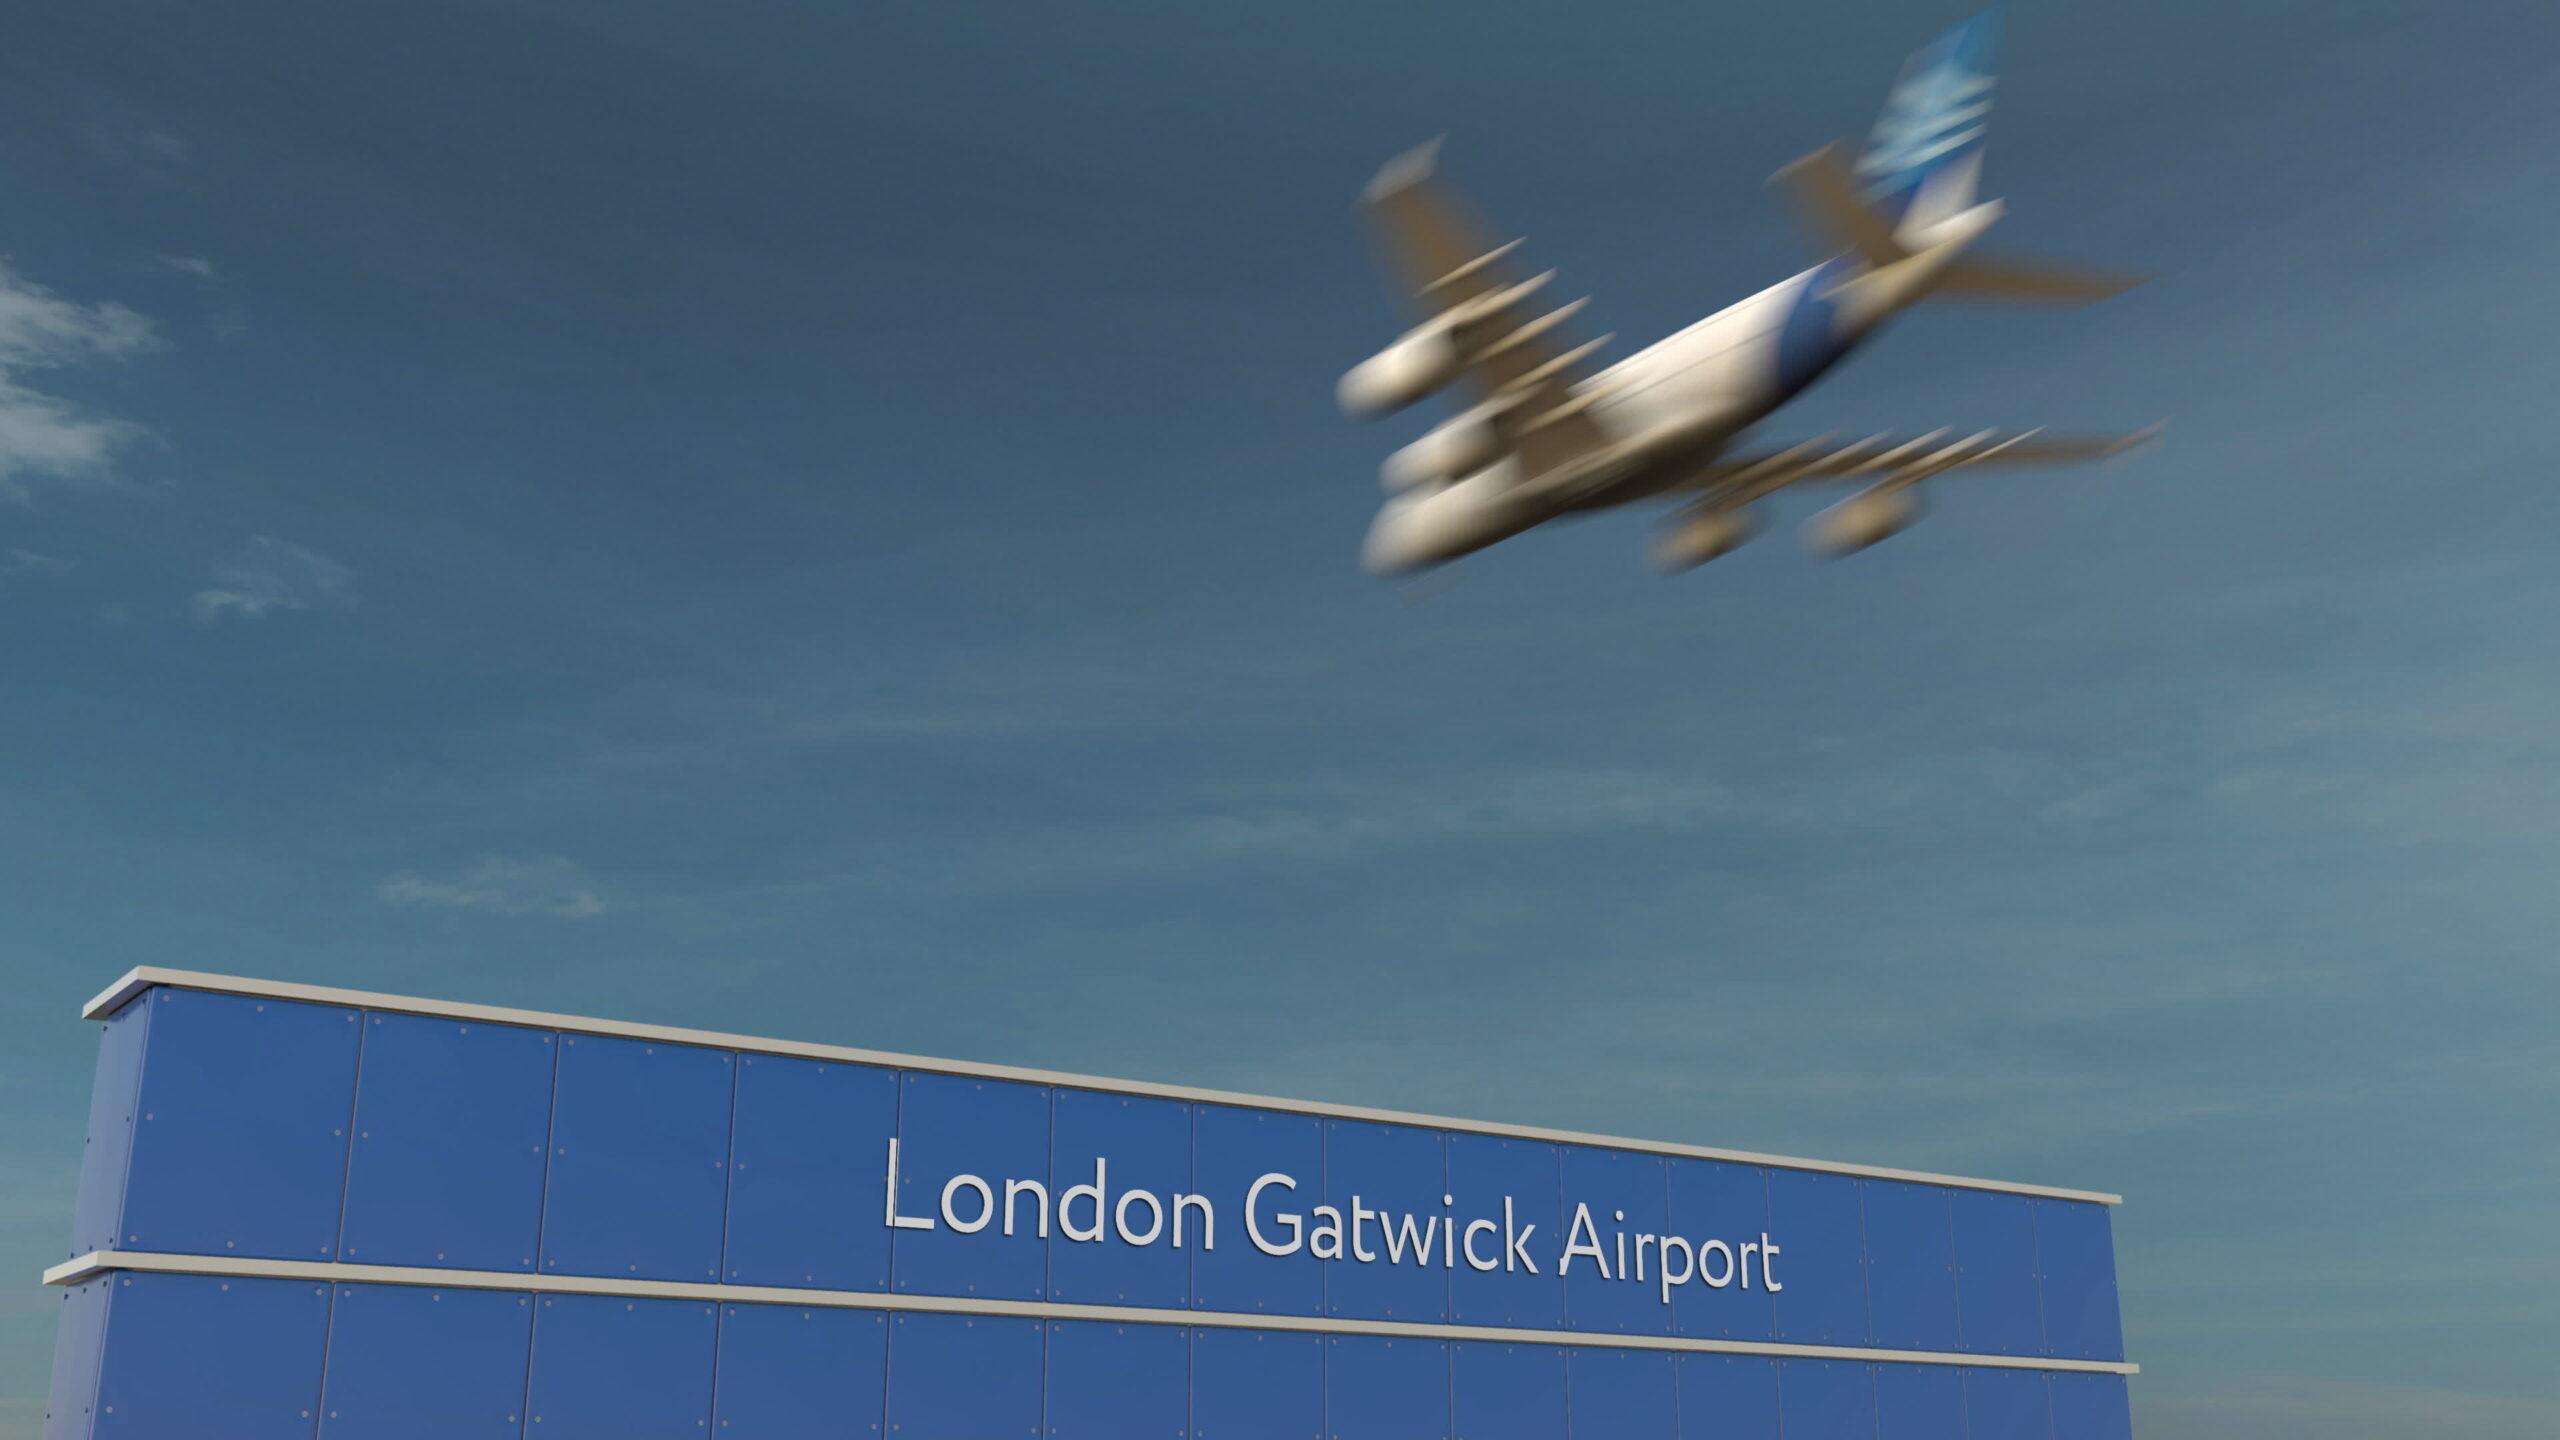 Gatwick-Airport-scaled-1.jpeg